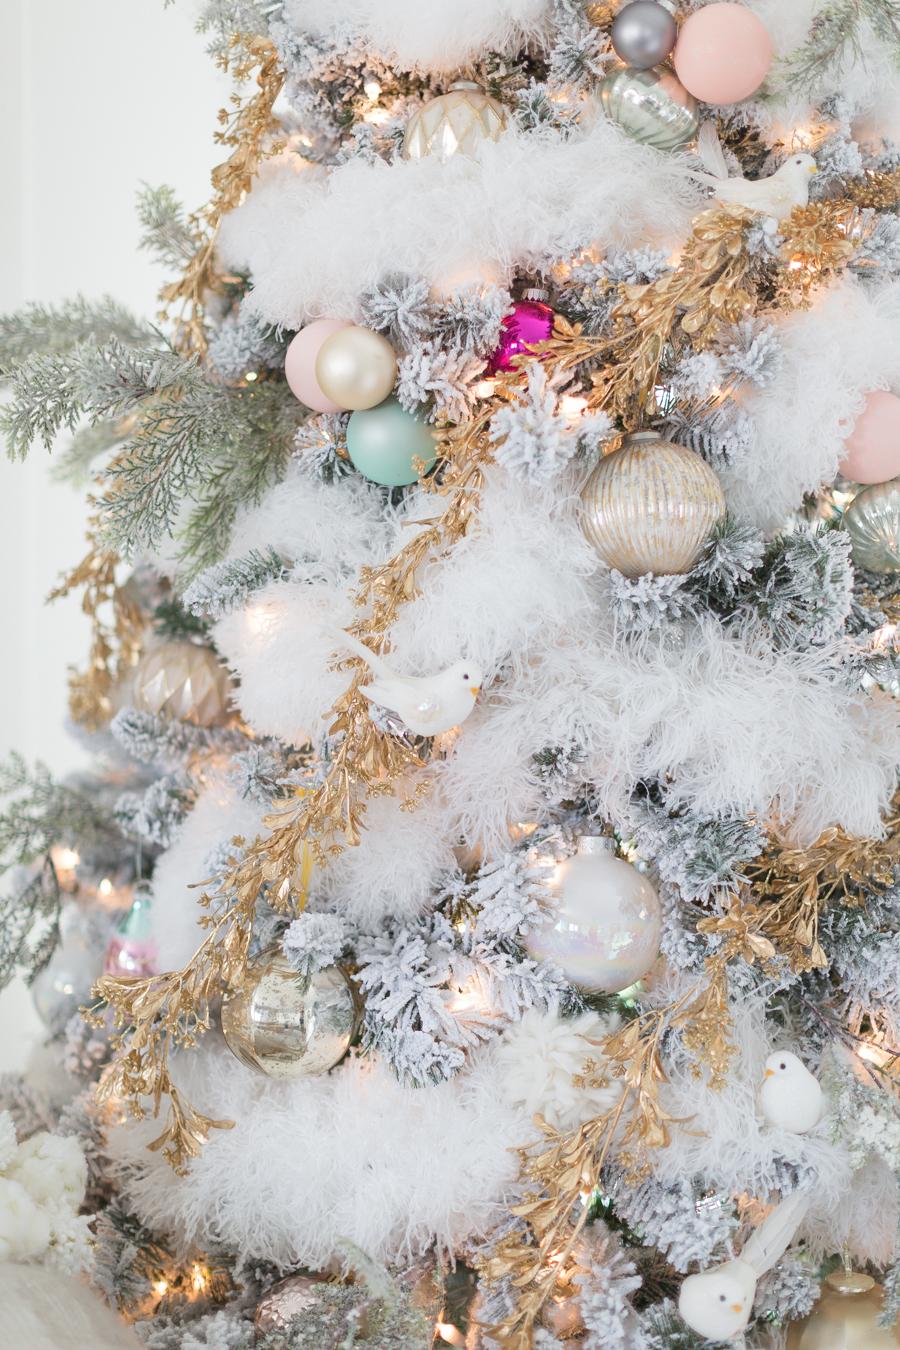 Der ideale Weihnachtsbaumschmuck für eine prachtvolle Deko Weihnachten